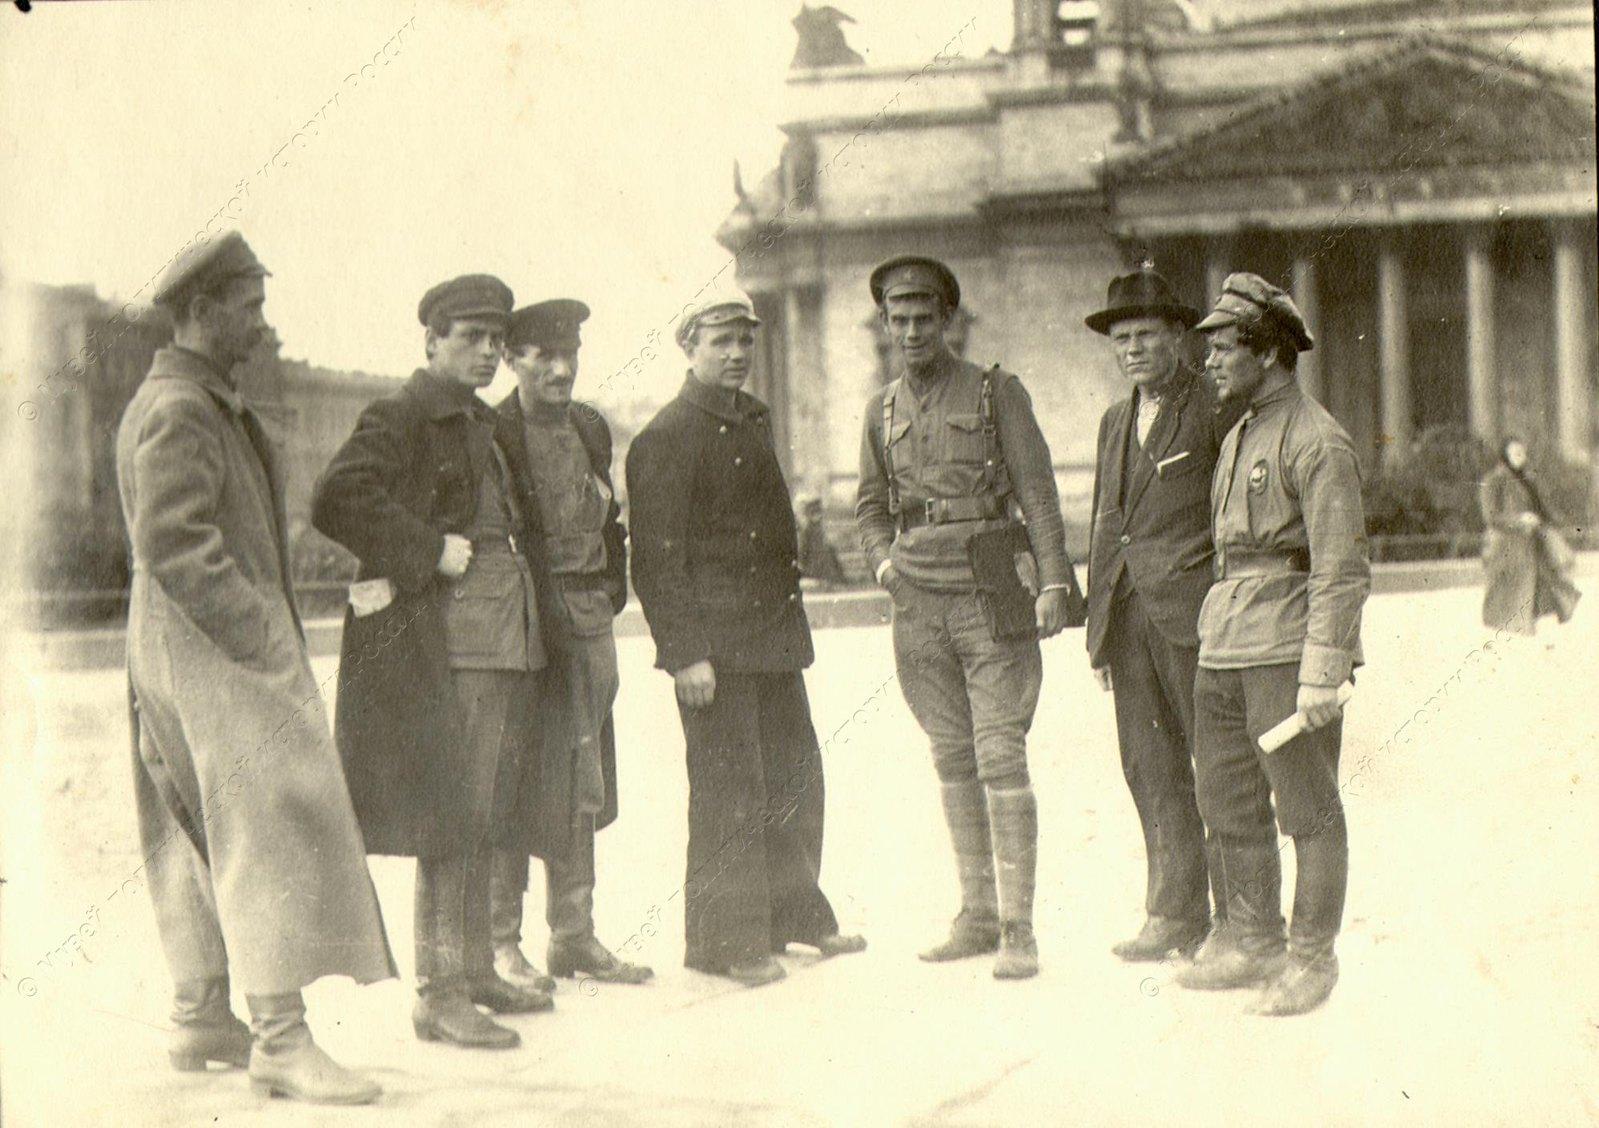 1919. Группа работников Политотдела Штаба Петроградского Укрепленного района. Исаакиевская площадь.